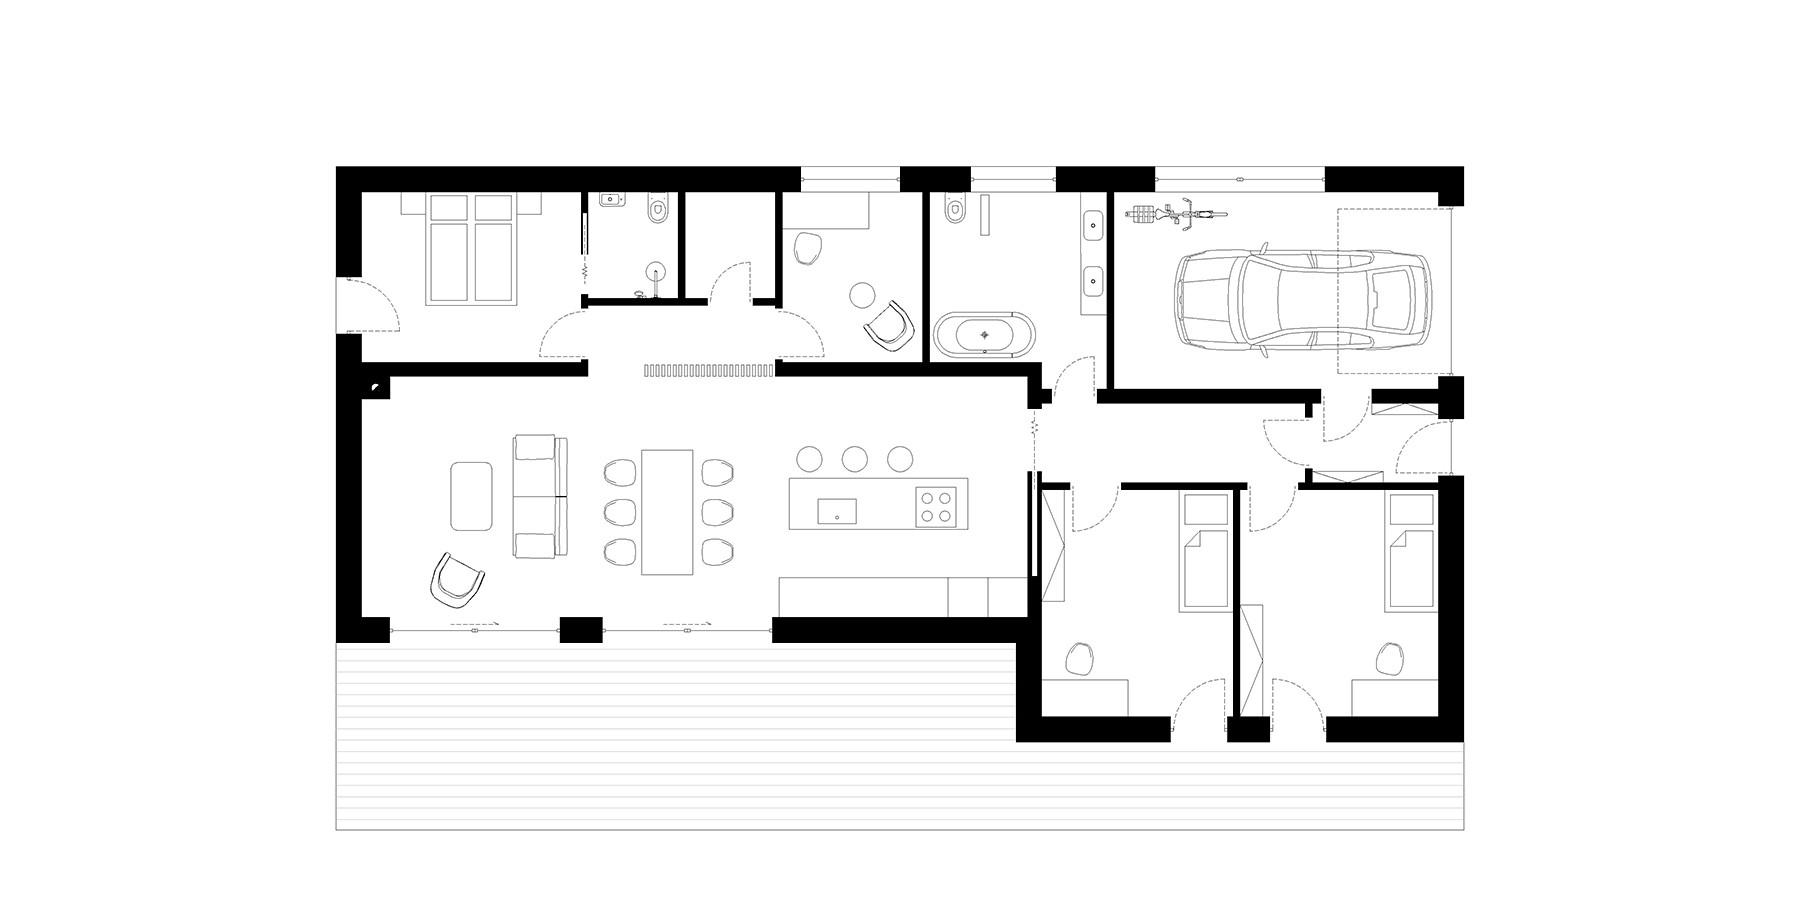 moderni_jednopodlazni_rodinny_dum_s_plochou_strechou_dream_homes_plavec_pudorys